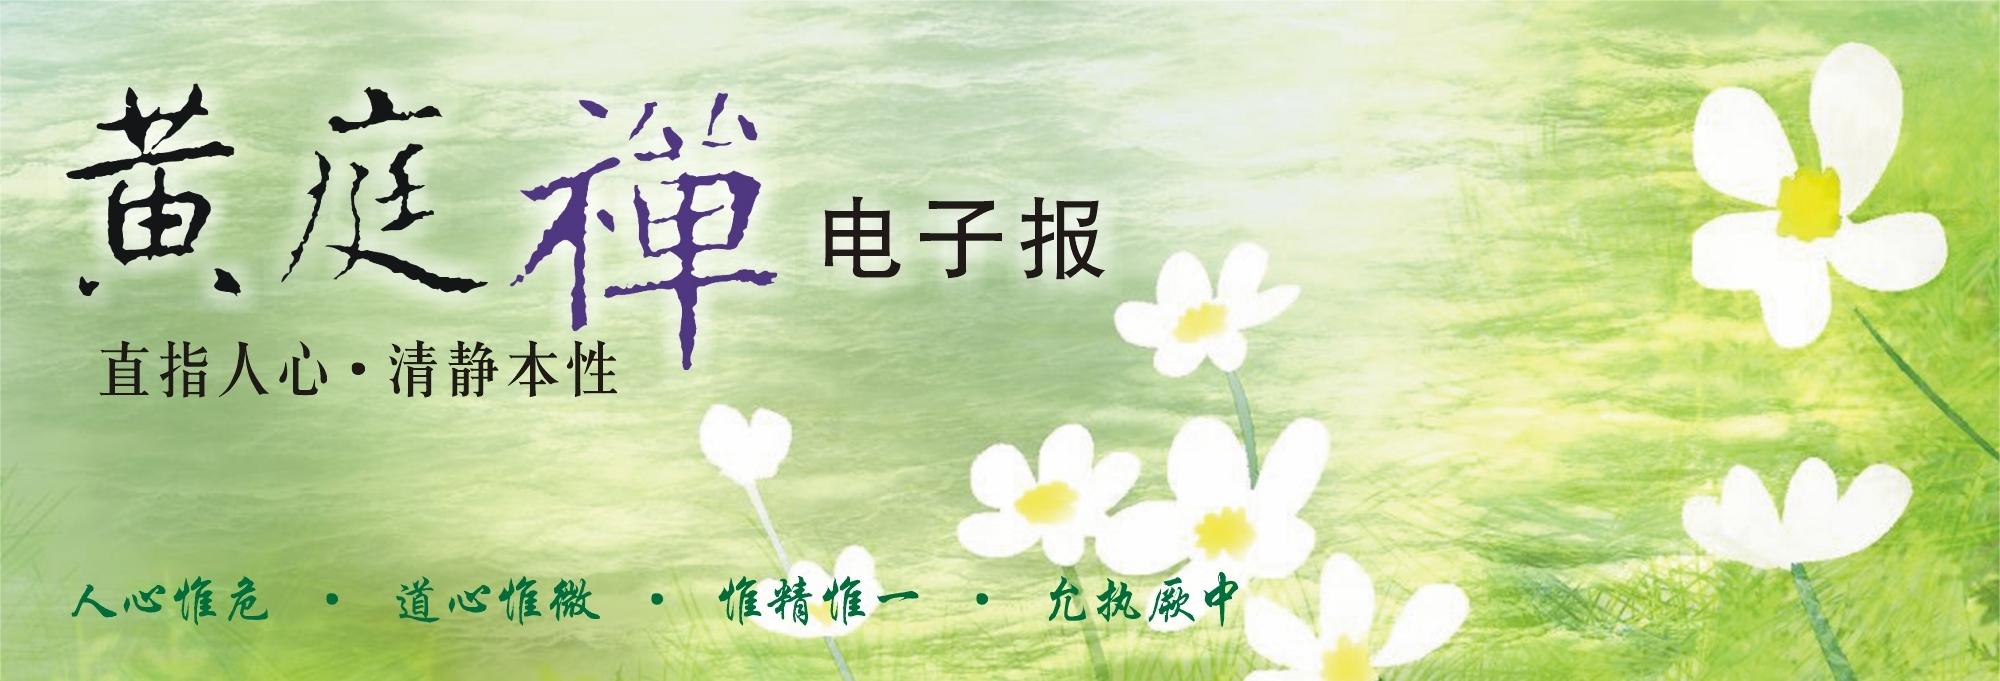 中华黄庭禅学会2017.06.21电子报